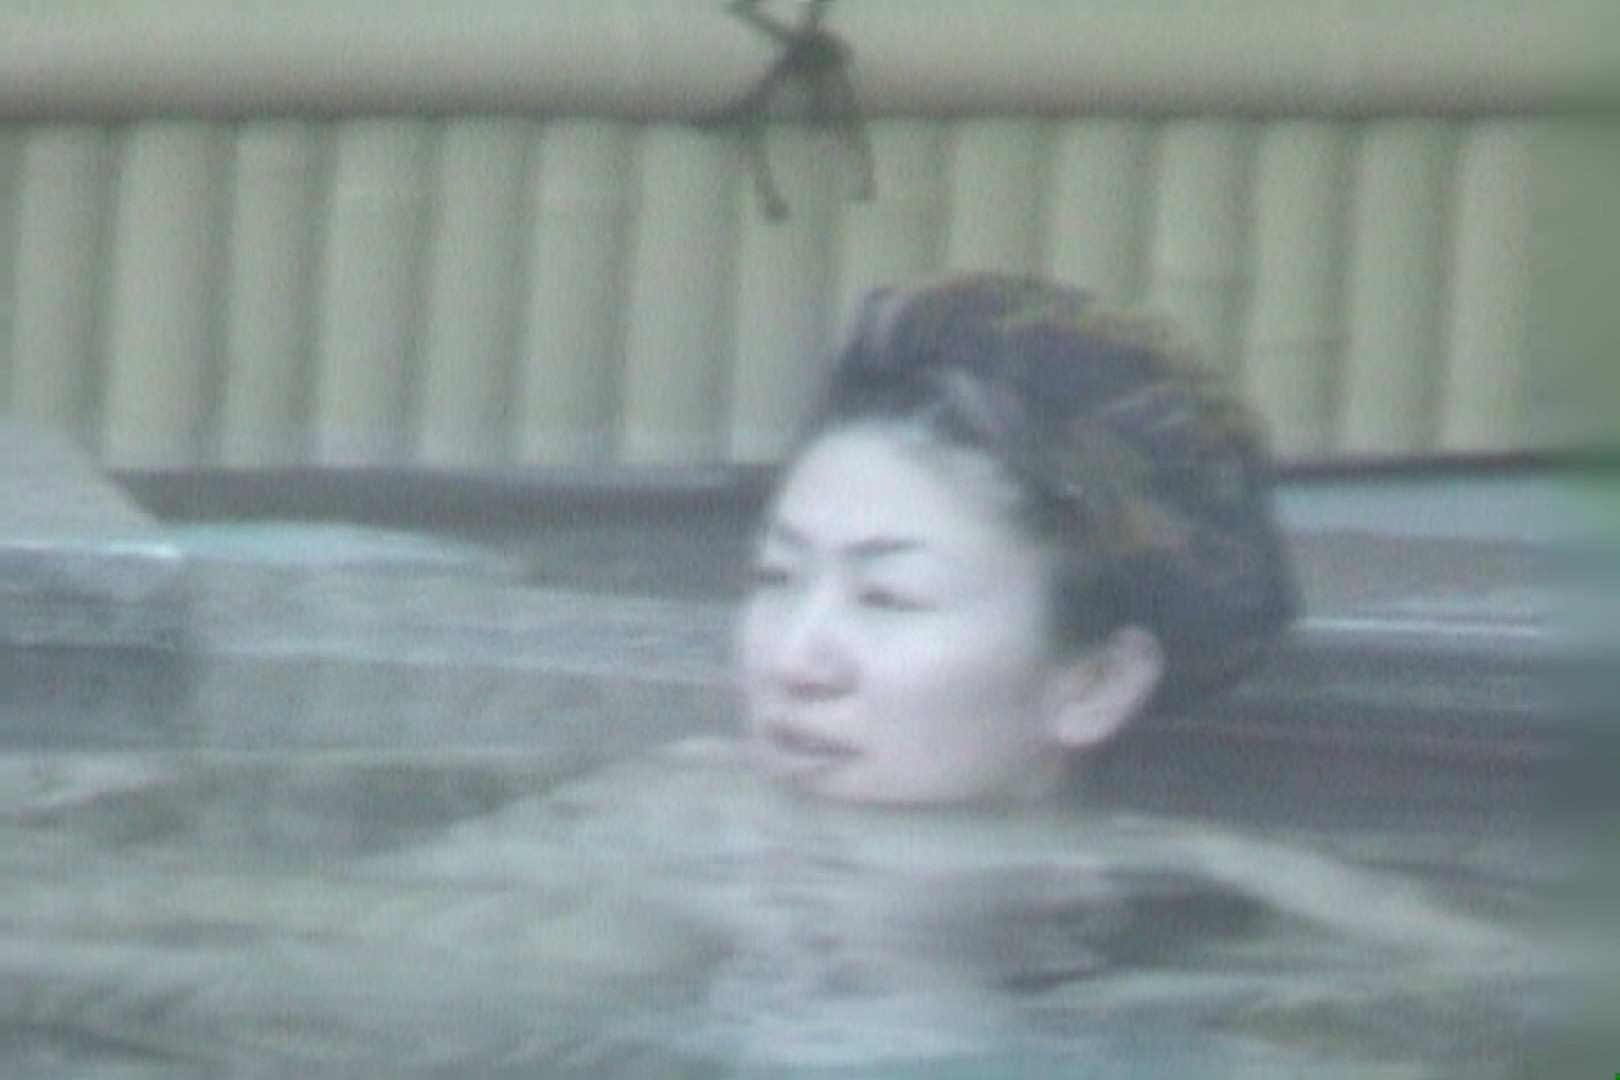 Aquaな露天風呂Vol.607 OLハメ撮り  58Pix 13